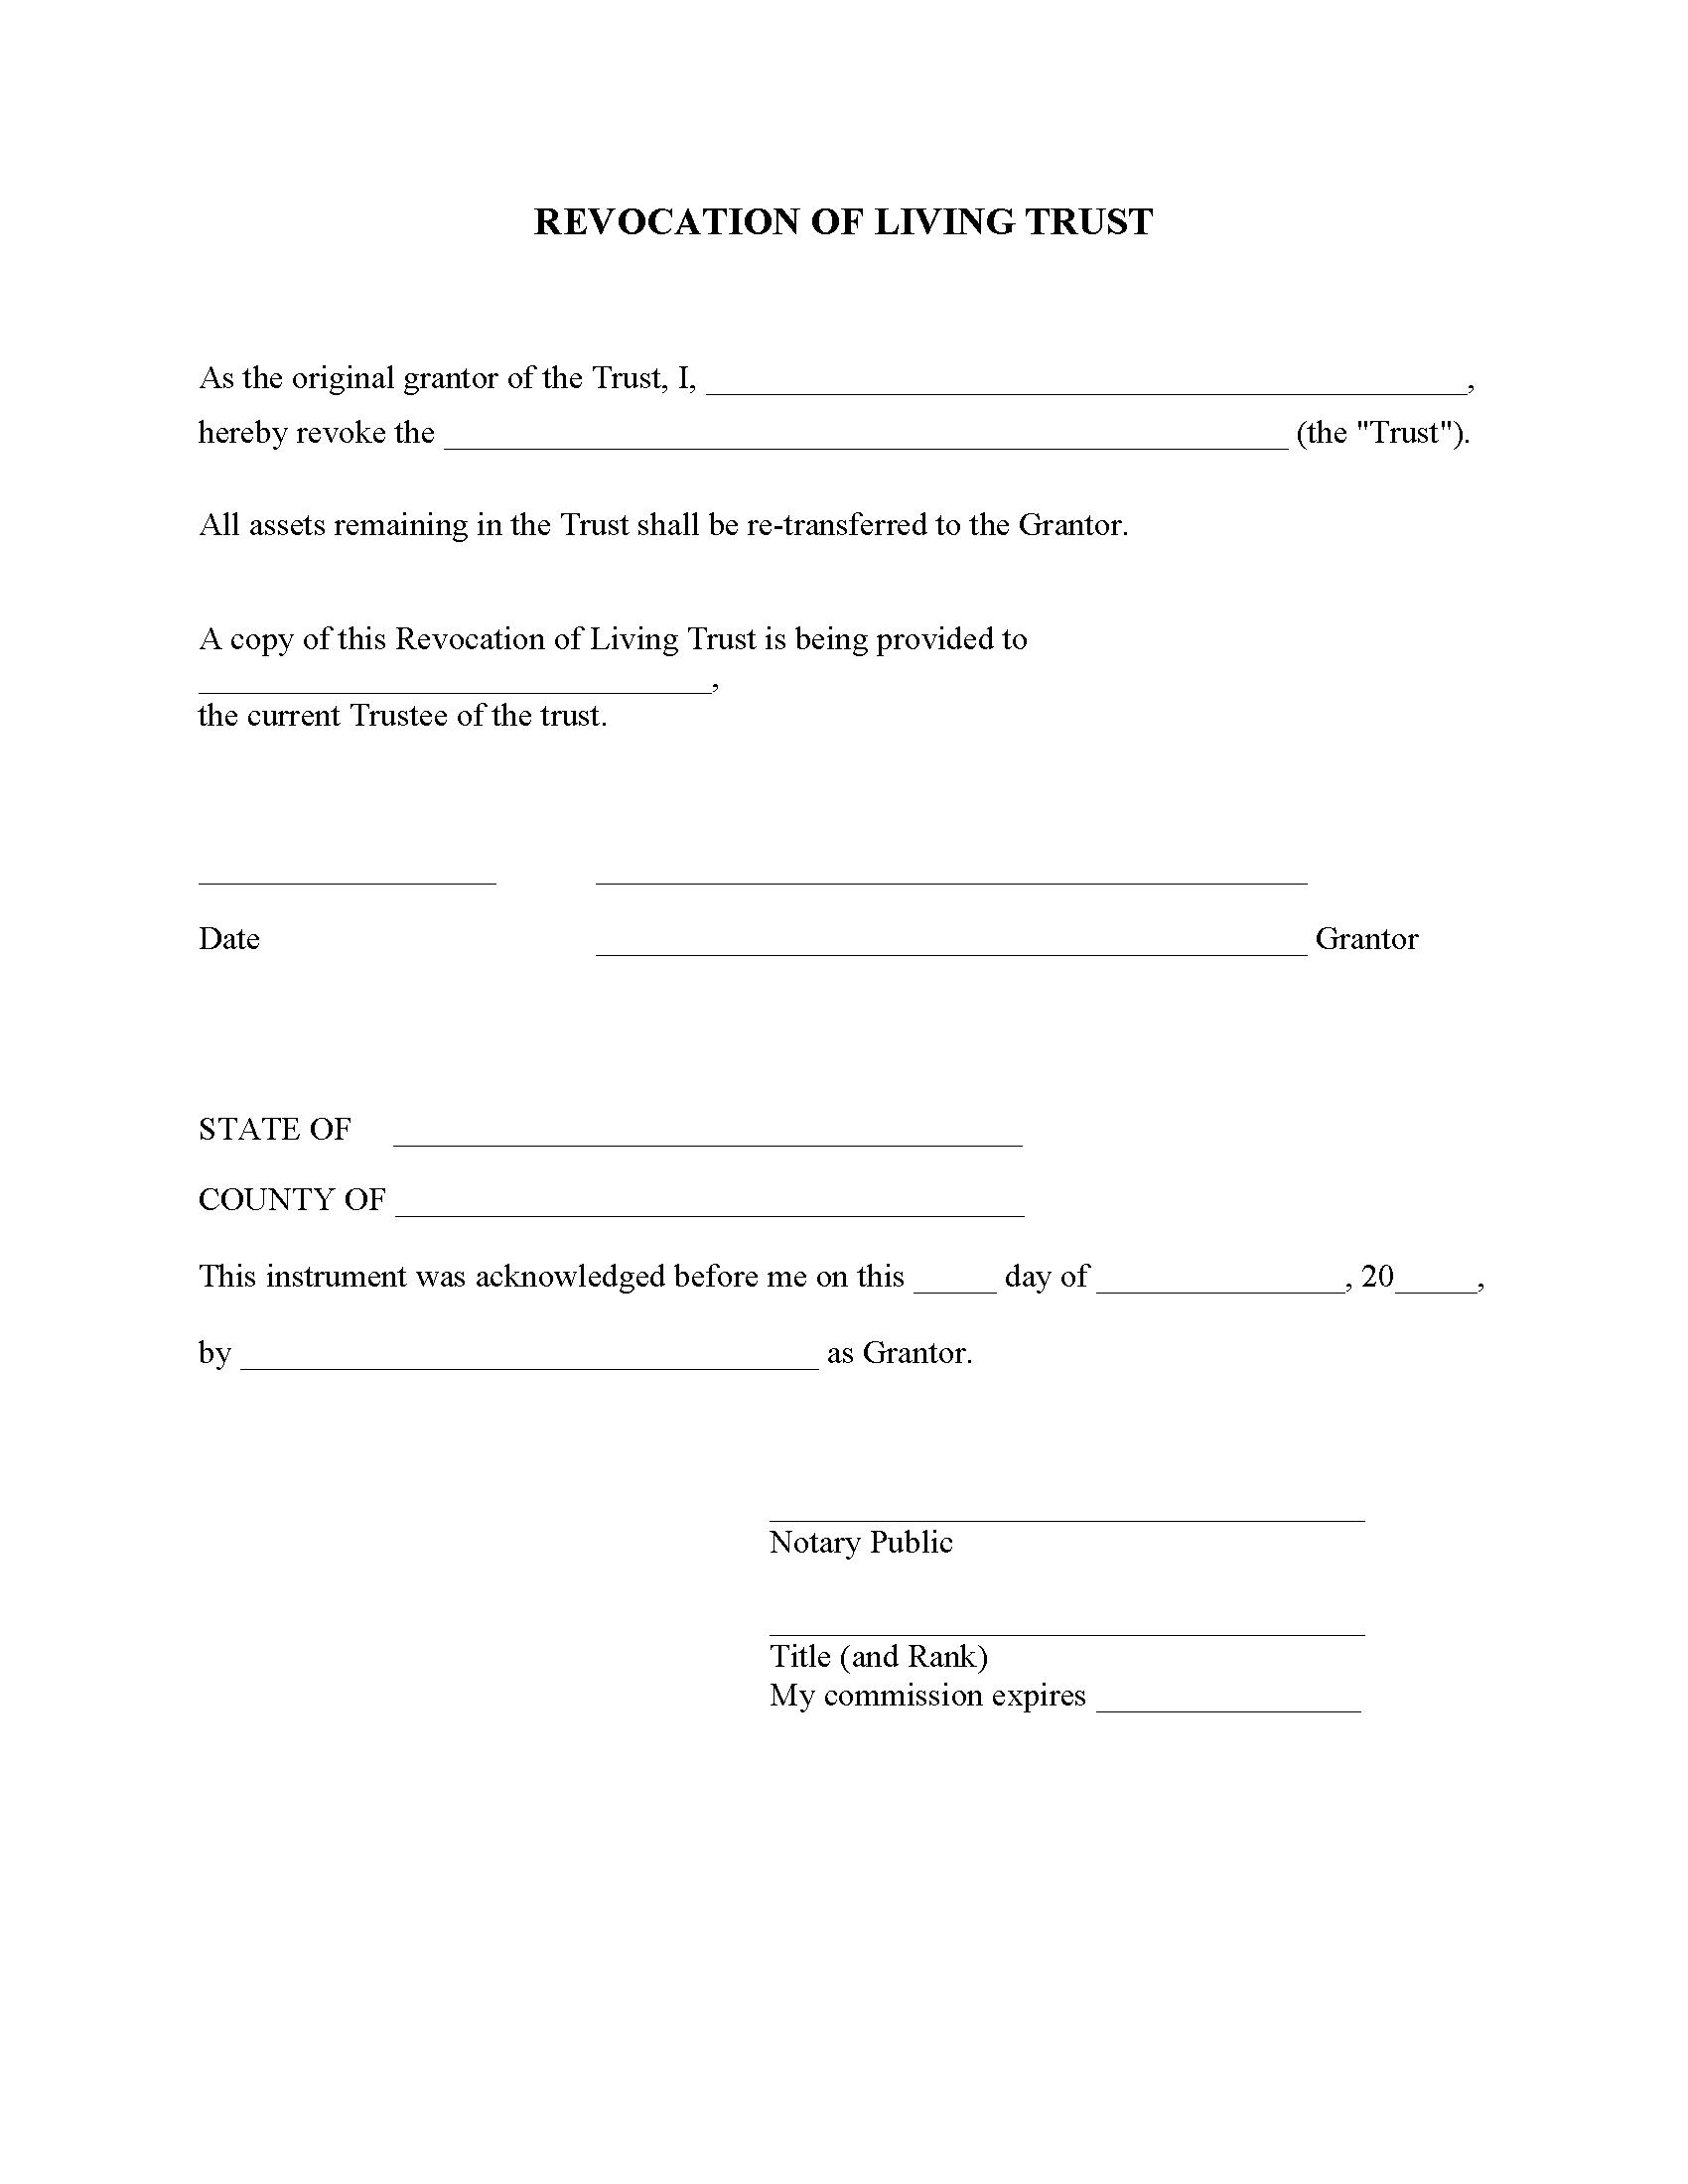 Arkansas Revocation of Living Trust Form